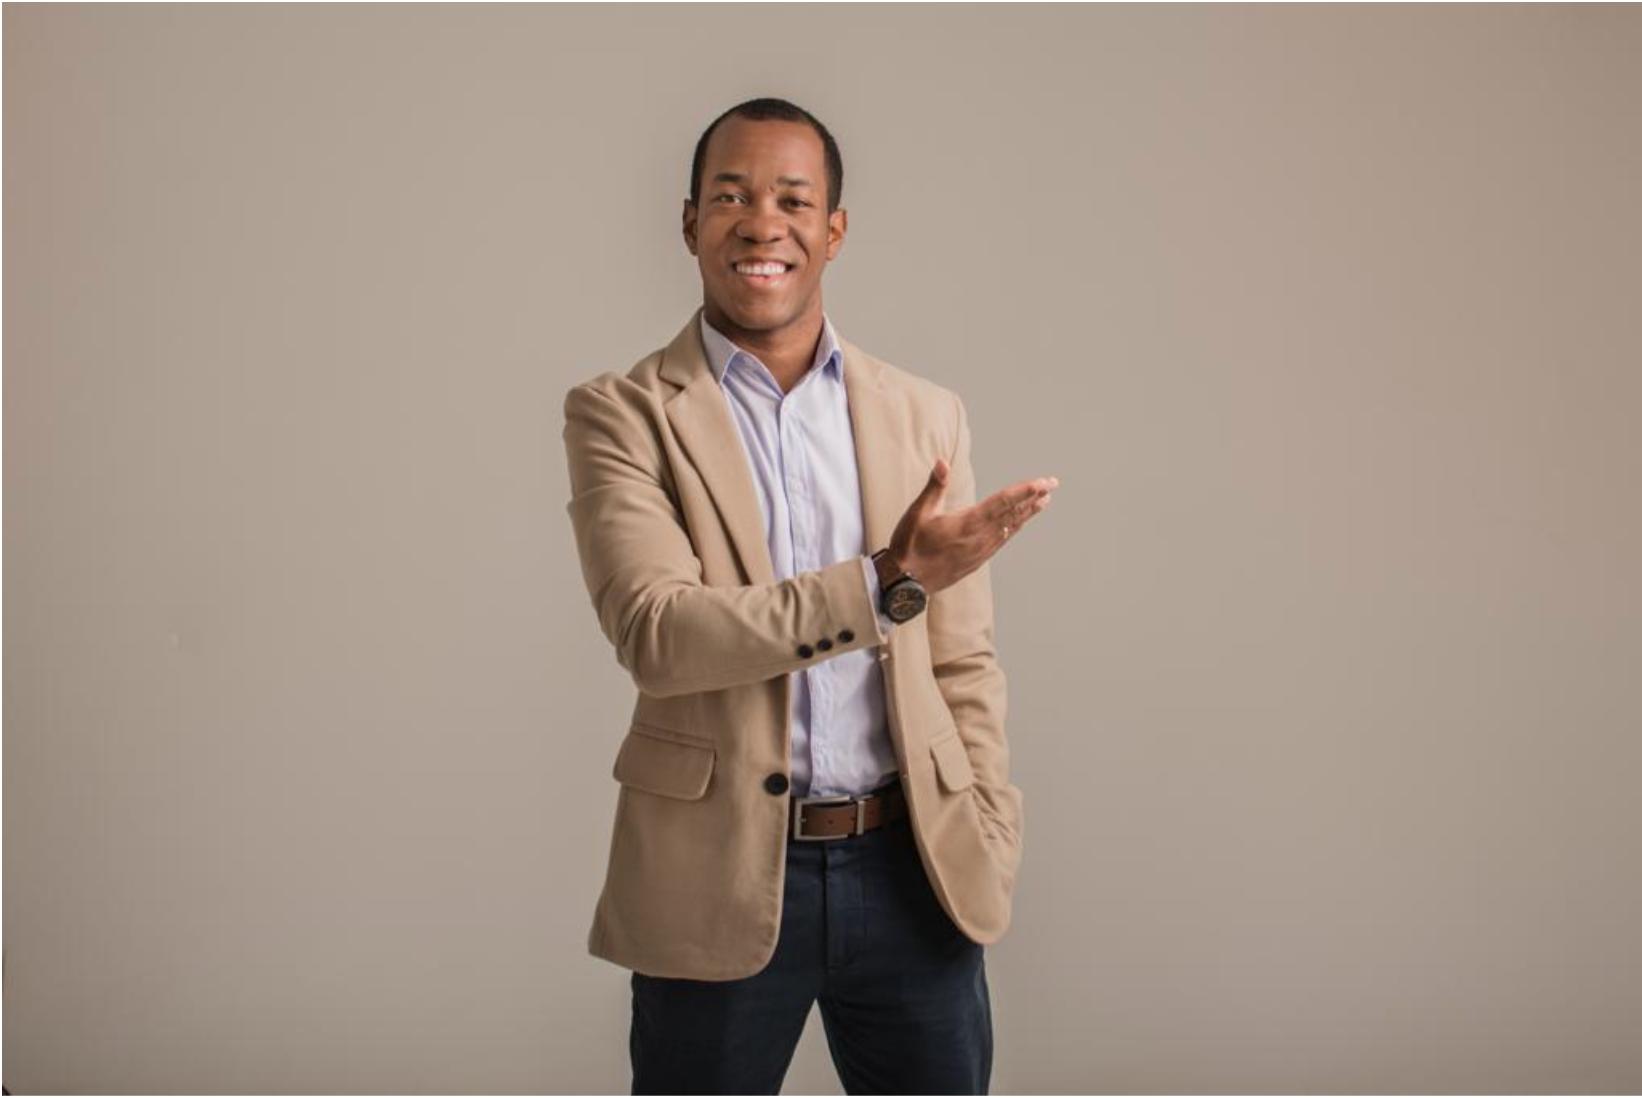 El colombiano que le dice cómo ser exitoso en los negocios